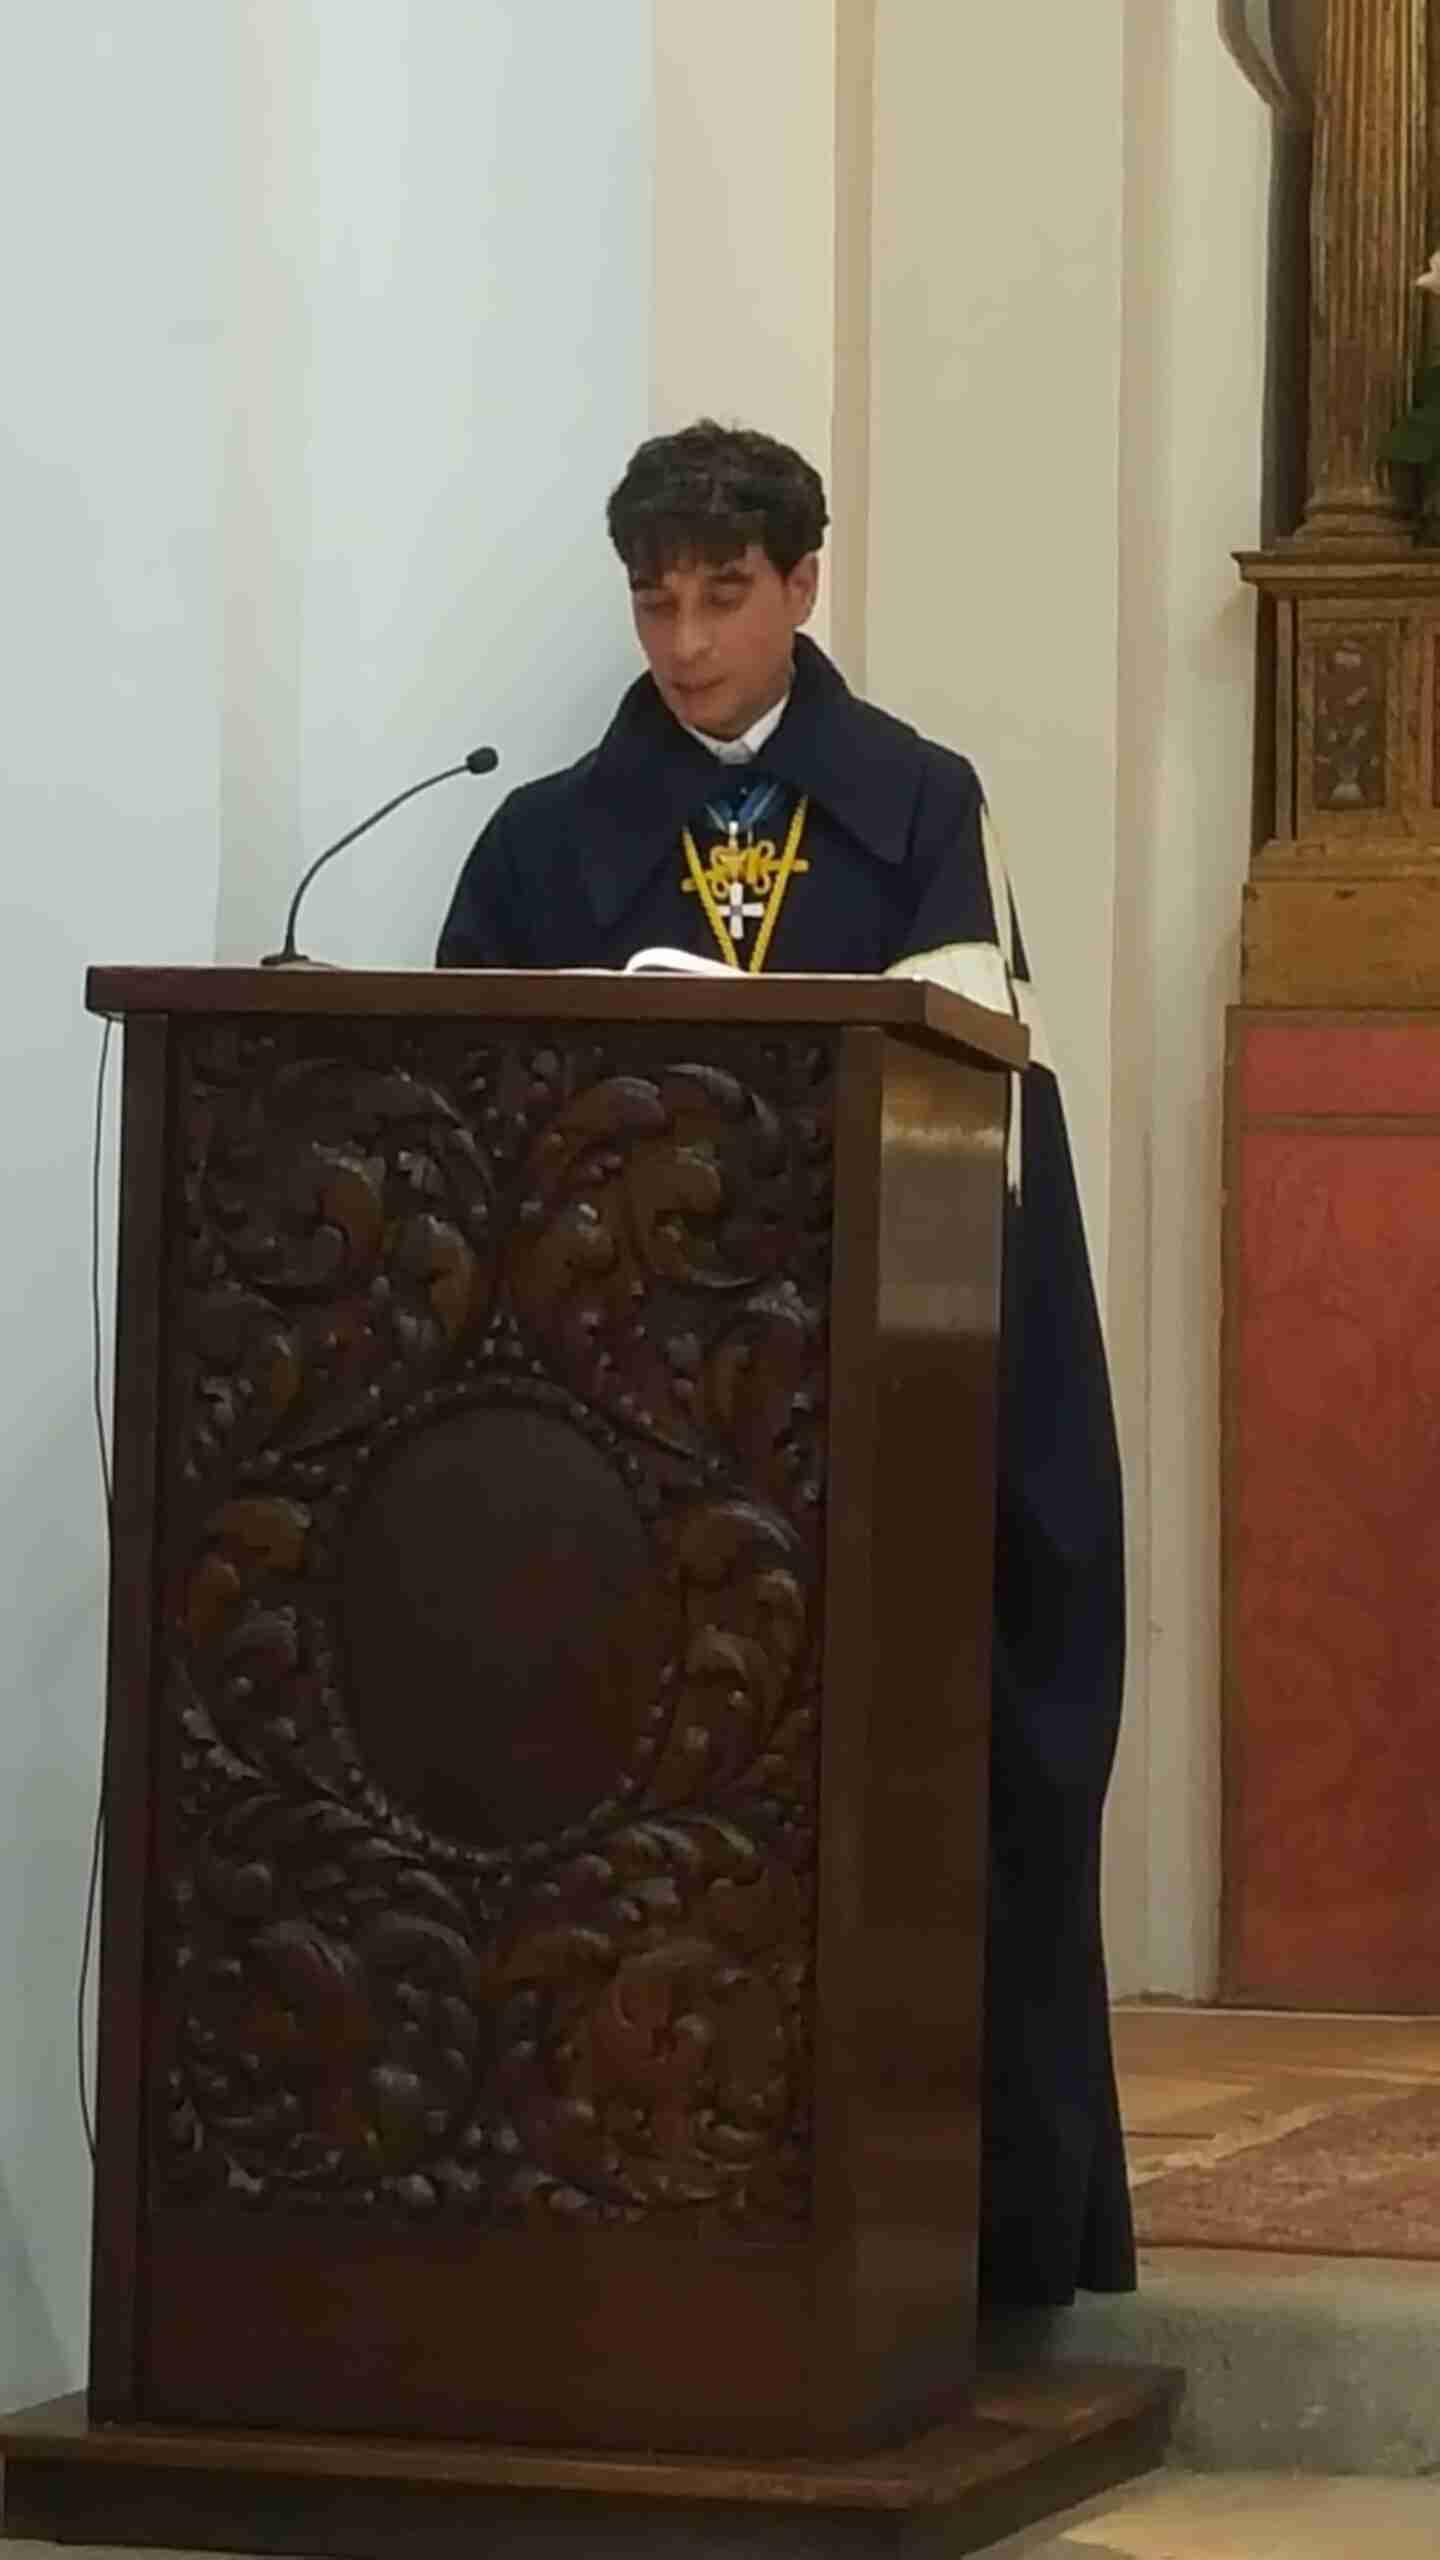 Entrega del Collar de la Hermandad Mozárabe al Arzobispo de Toledo, Mons. Don Francisco Cerro Chaves 7